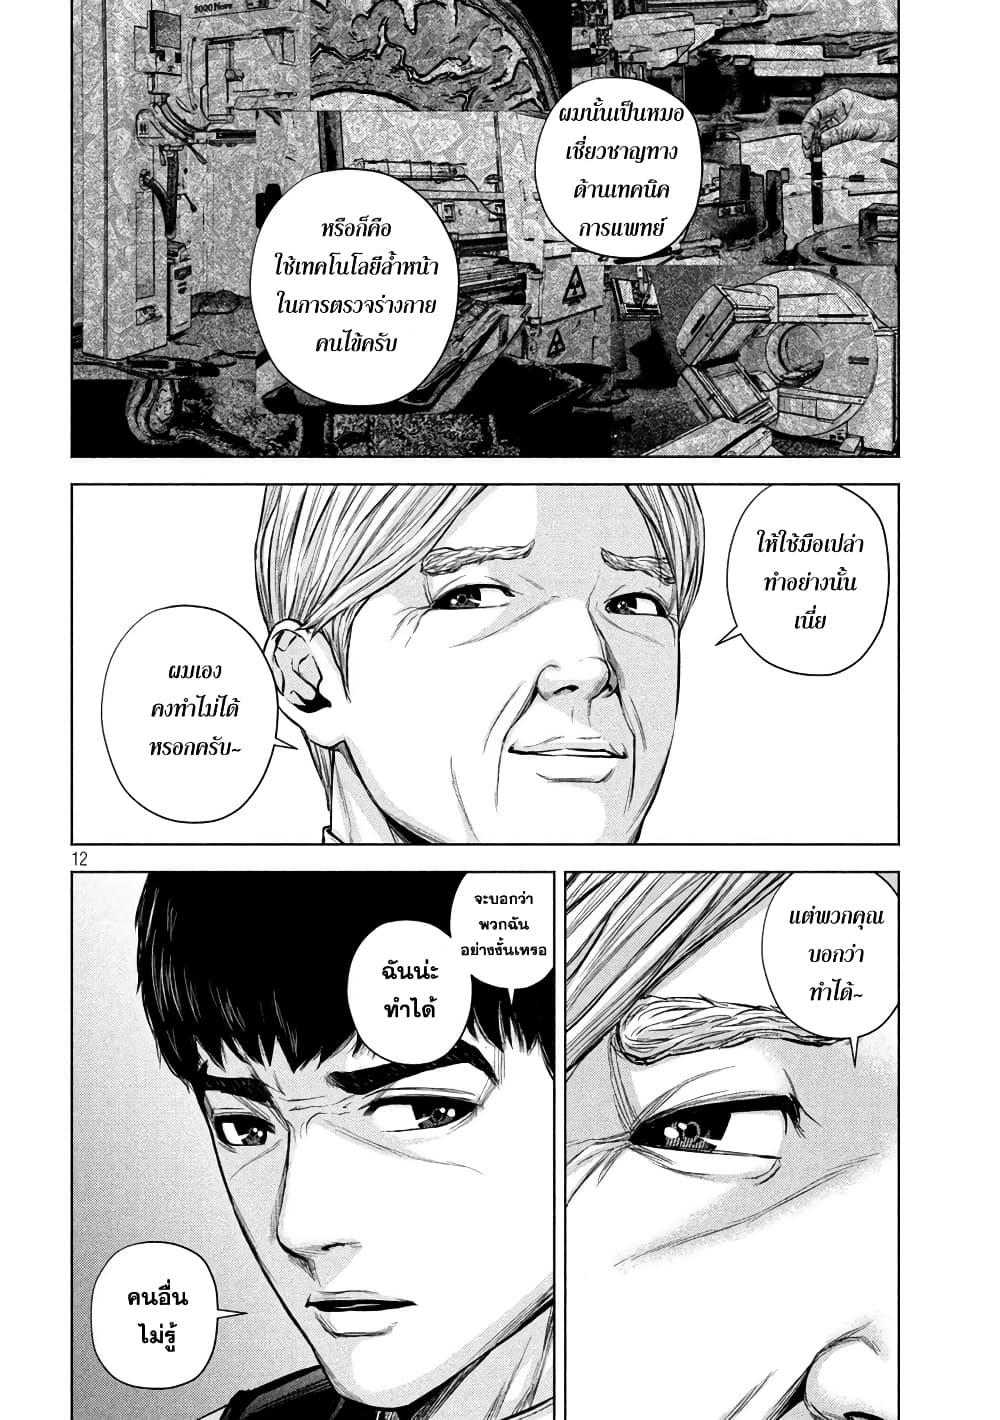 อ่านการ์ตูน Kenshirou ni Yoroshiku ตอนที่ 28 หน้าที่ 12